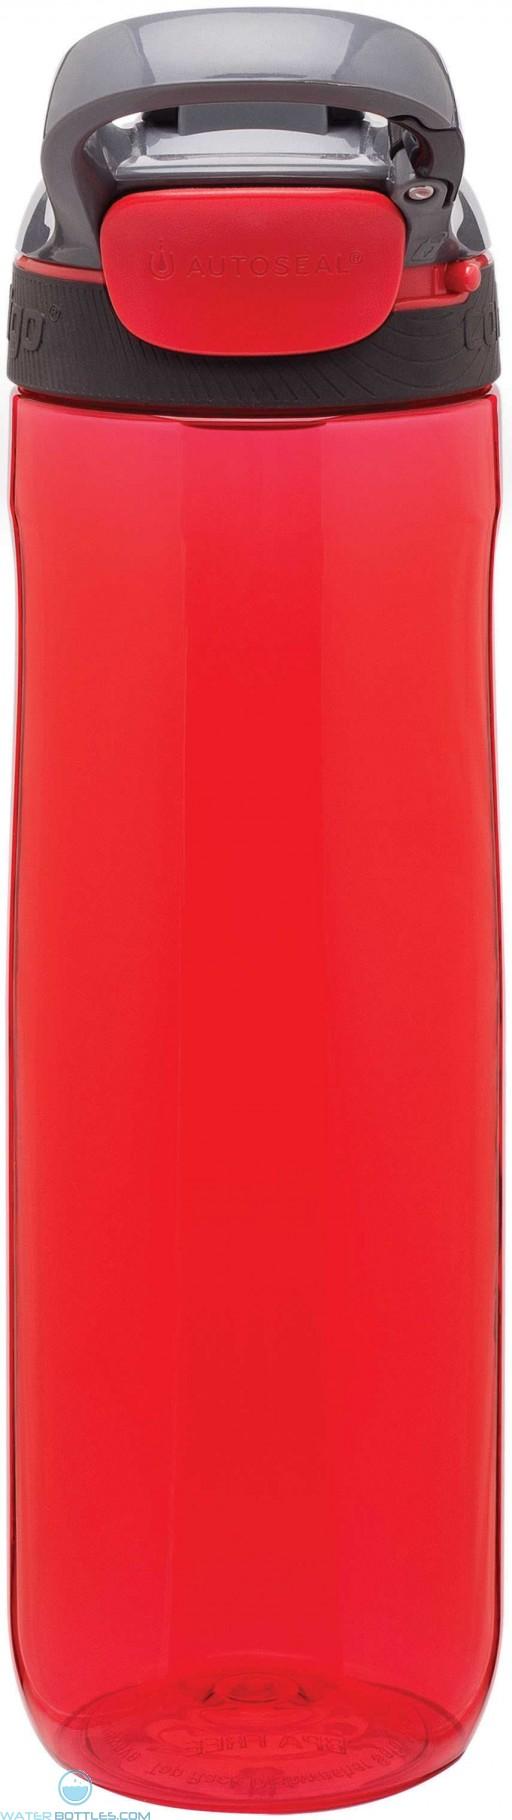 Contigo Cortland Single Wall Water Bottles | 24 oz - Red